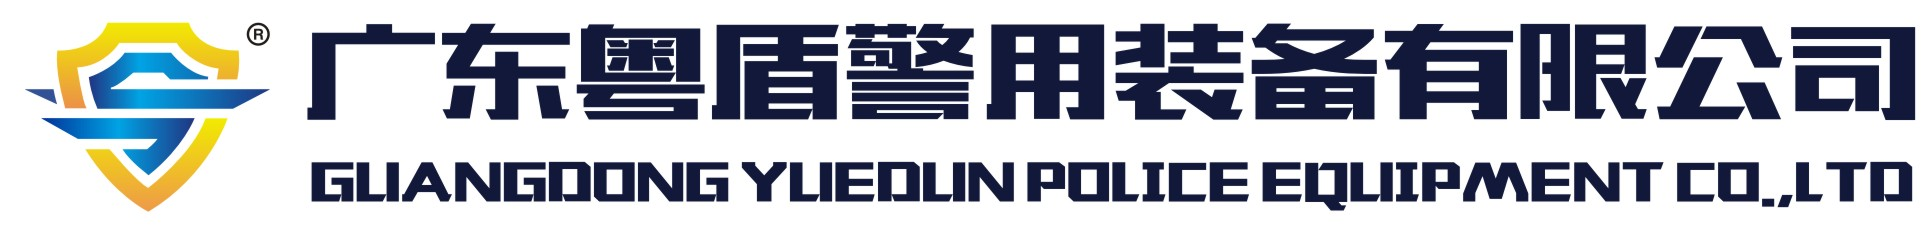 广东粤盾必威国际官方网站装备有限公司